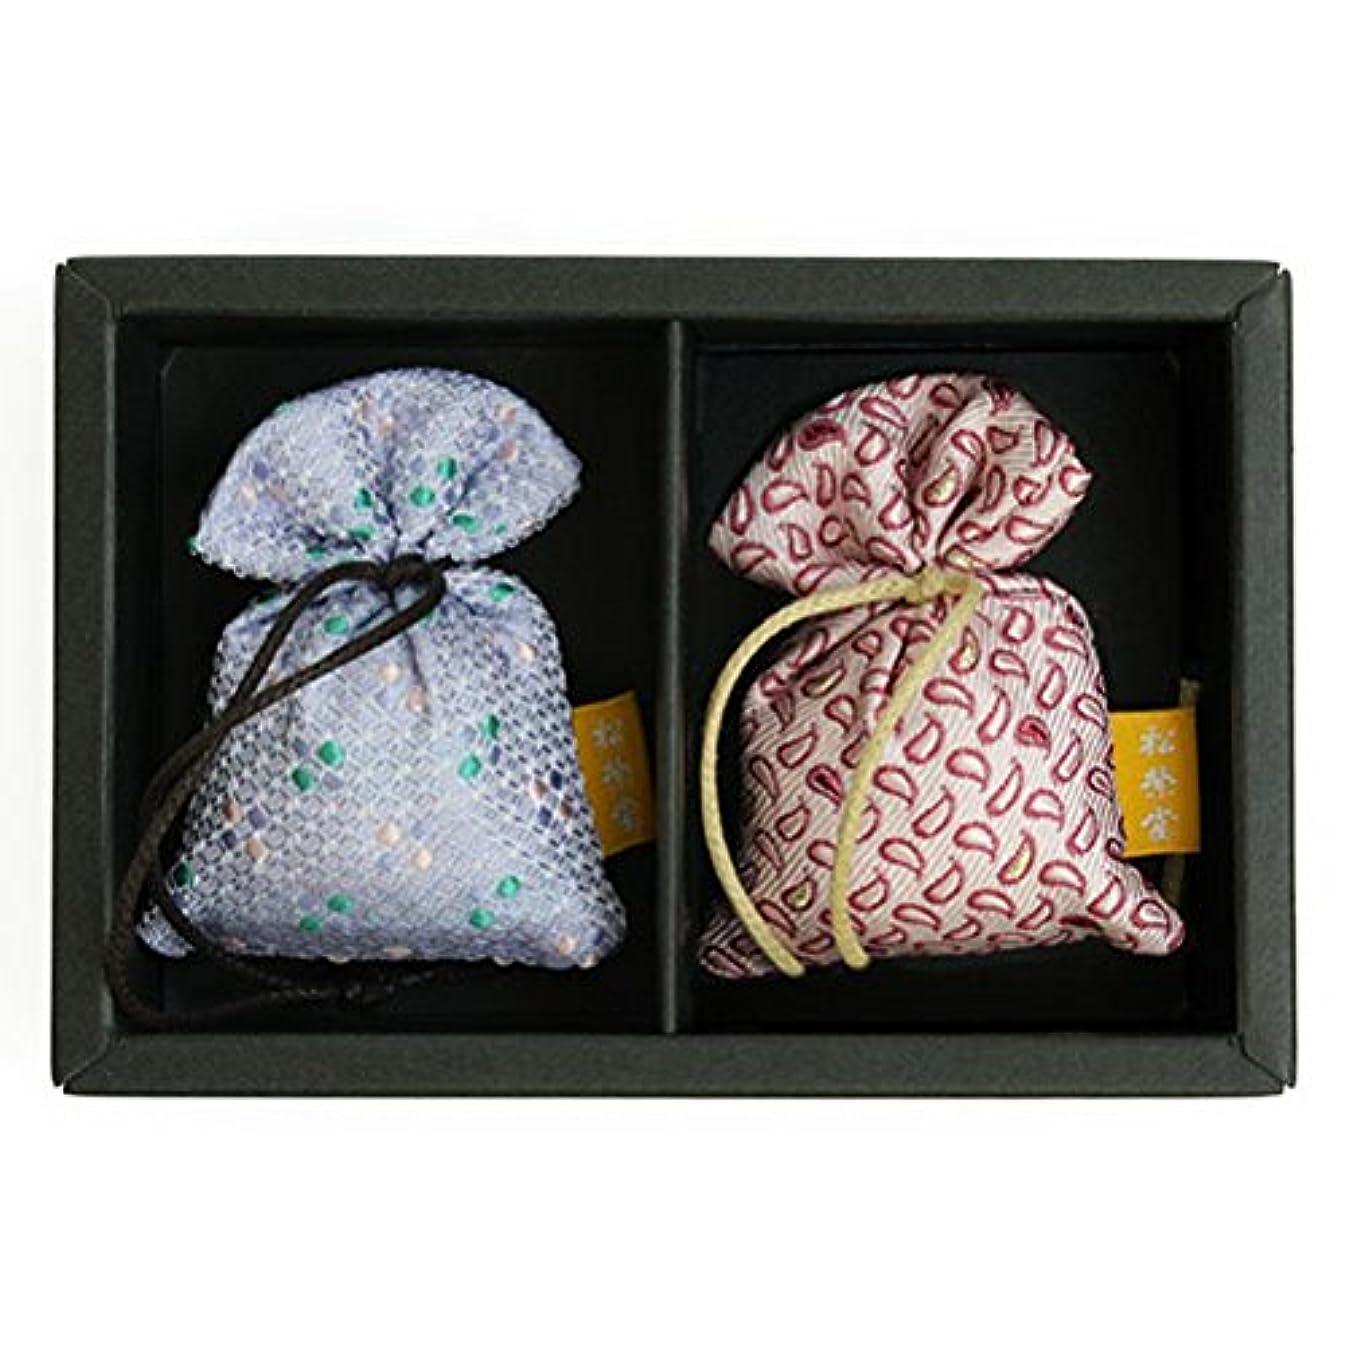 相互洞察力のあるシステム匂い袋 誰が袖 薫 かおる 2個入 松栄堂 Shoyeido 本体長さ60mm (色?柄は選べません)